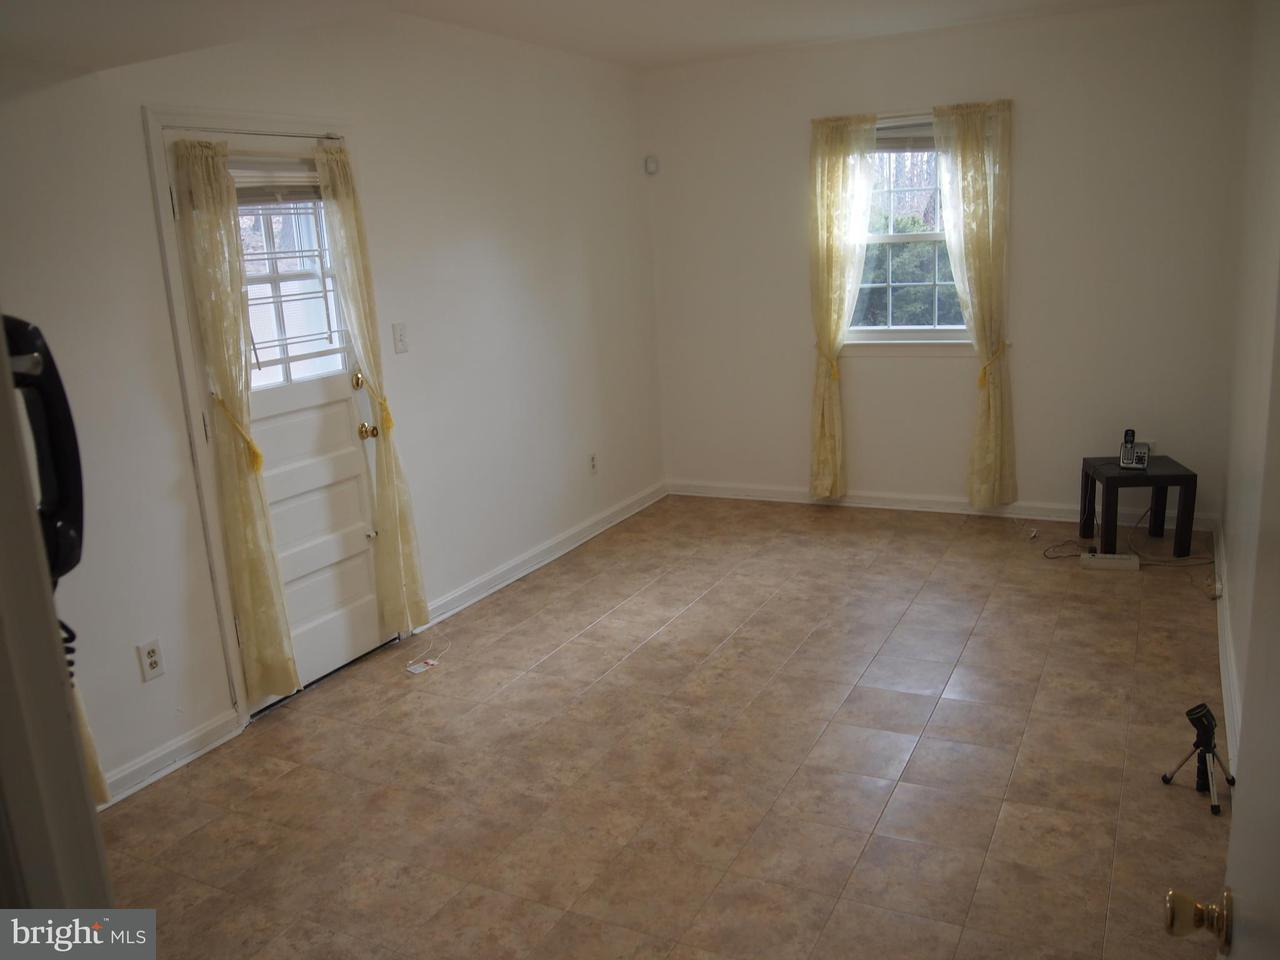 Casa Unifamiliar por un Venta en 2009 WOODED WAY 2009 WOODED WAY Adelphi, Maryland 20783 Estados Unidos